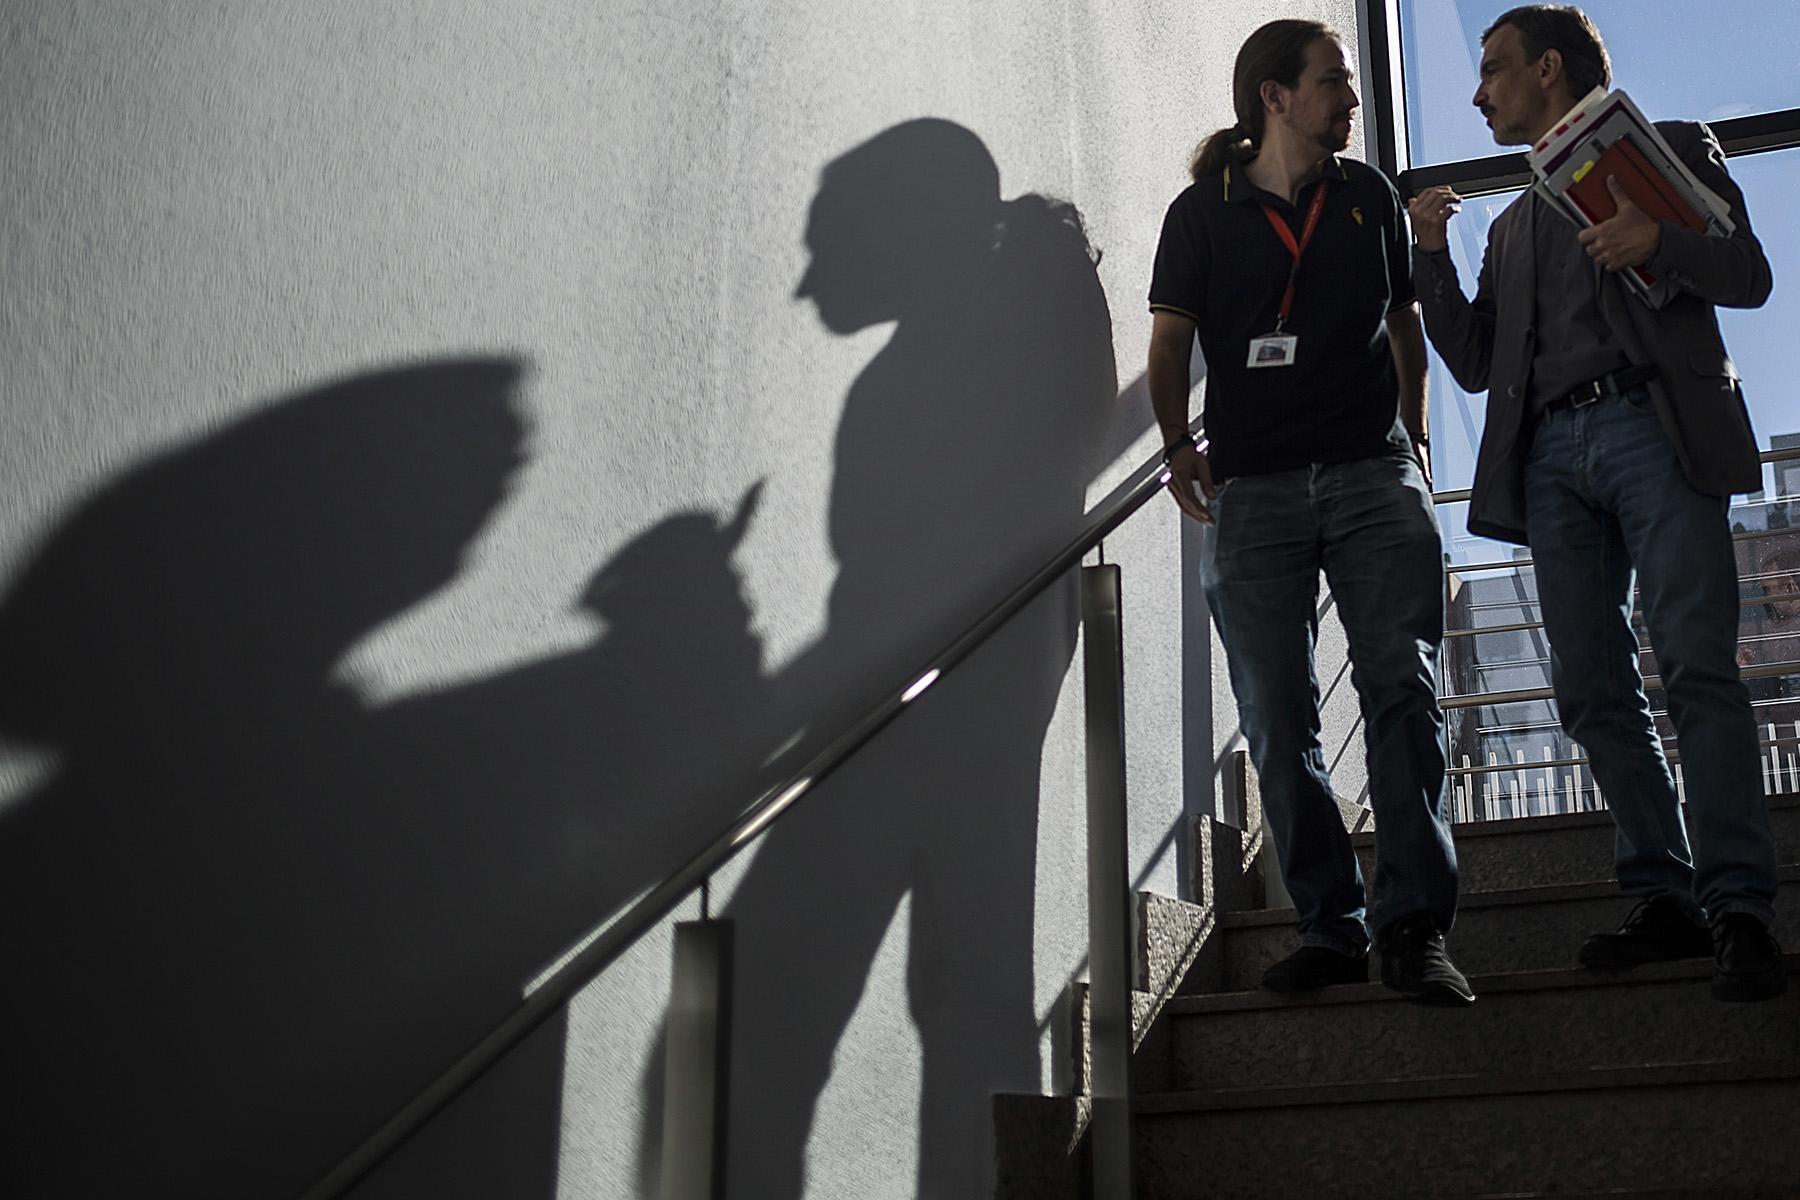 El Secretario General de Podemos, Pablo Iglesias, se reúne en la Asamblea de Madrid con representantes de los Parlamentos Autonómicos donde el partido tiene representación© Alberto R. Roldan / Diario La Razon10 09 2015